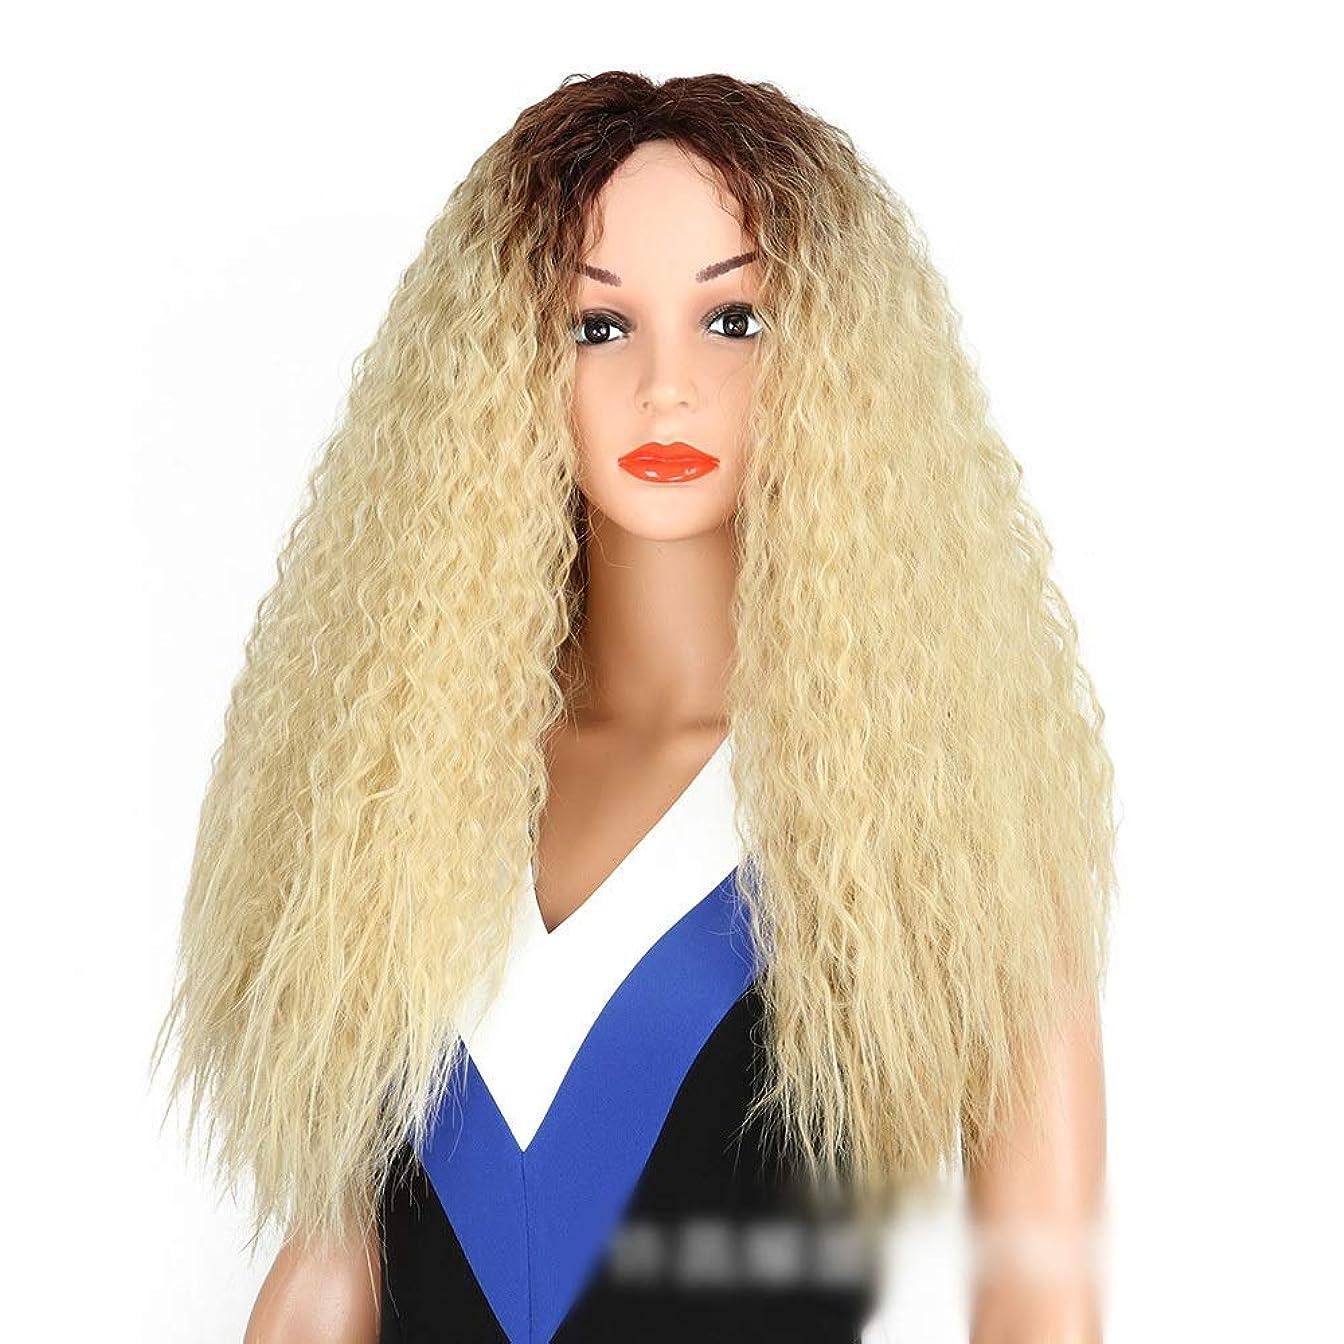 おしゃれな実験タッチBOBIDYEE 女性のブロンドのダークルーツのトウモロコシの熱い髪の爆発ヘッドロングカーリーウィッグ耐熱ファイバーパーティーウィッグ (色 : Blonde)